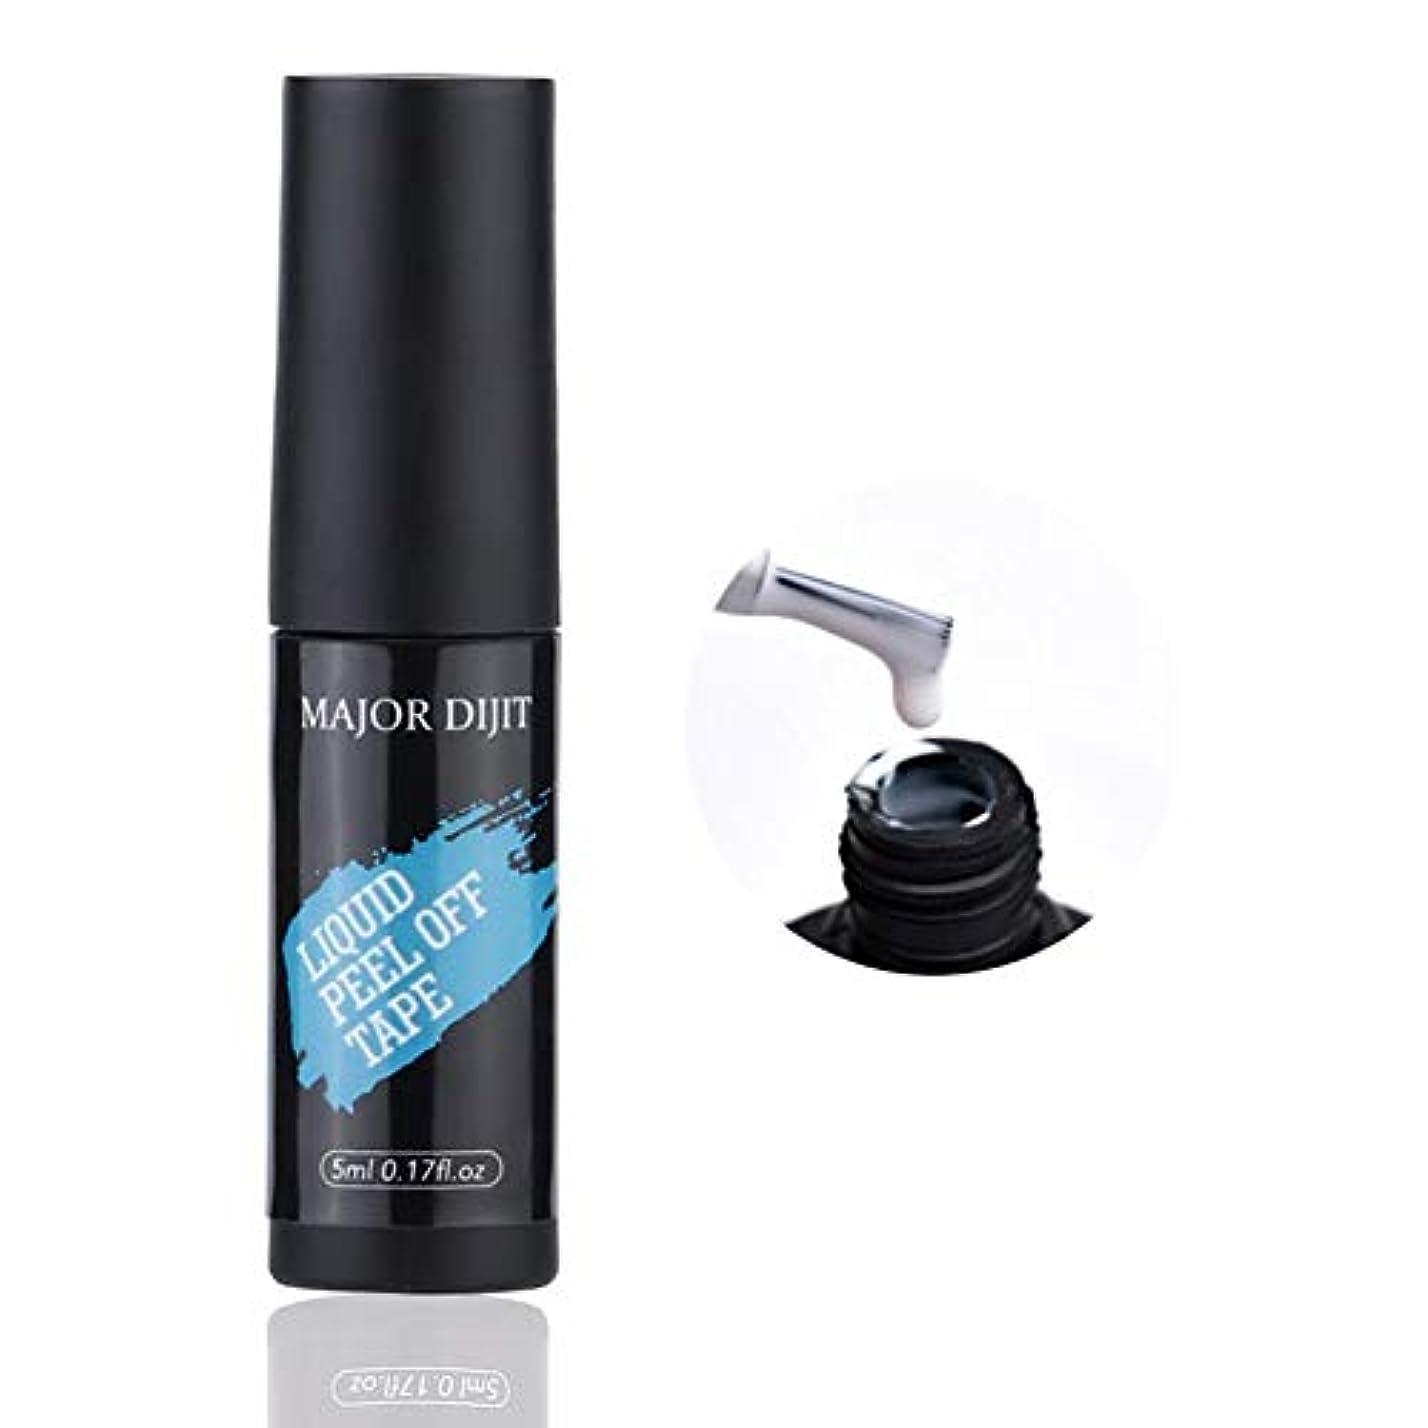 可能プレフィックスブロッサムオーバーフロー防止 接着剤 マニキュア エッジ保護 マニキュア防汚液 溢れ防止 取り外しが簡単 安全